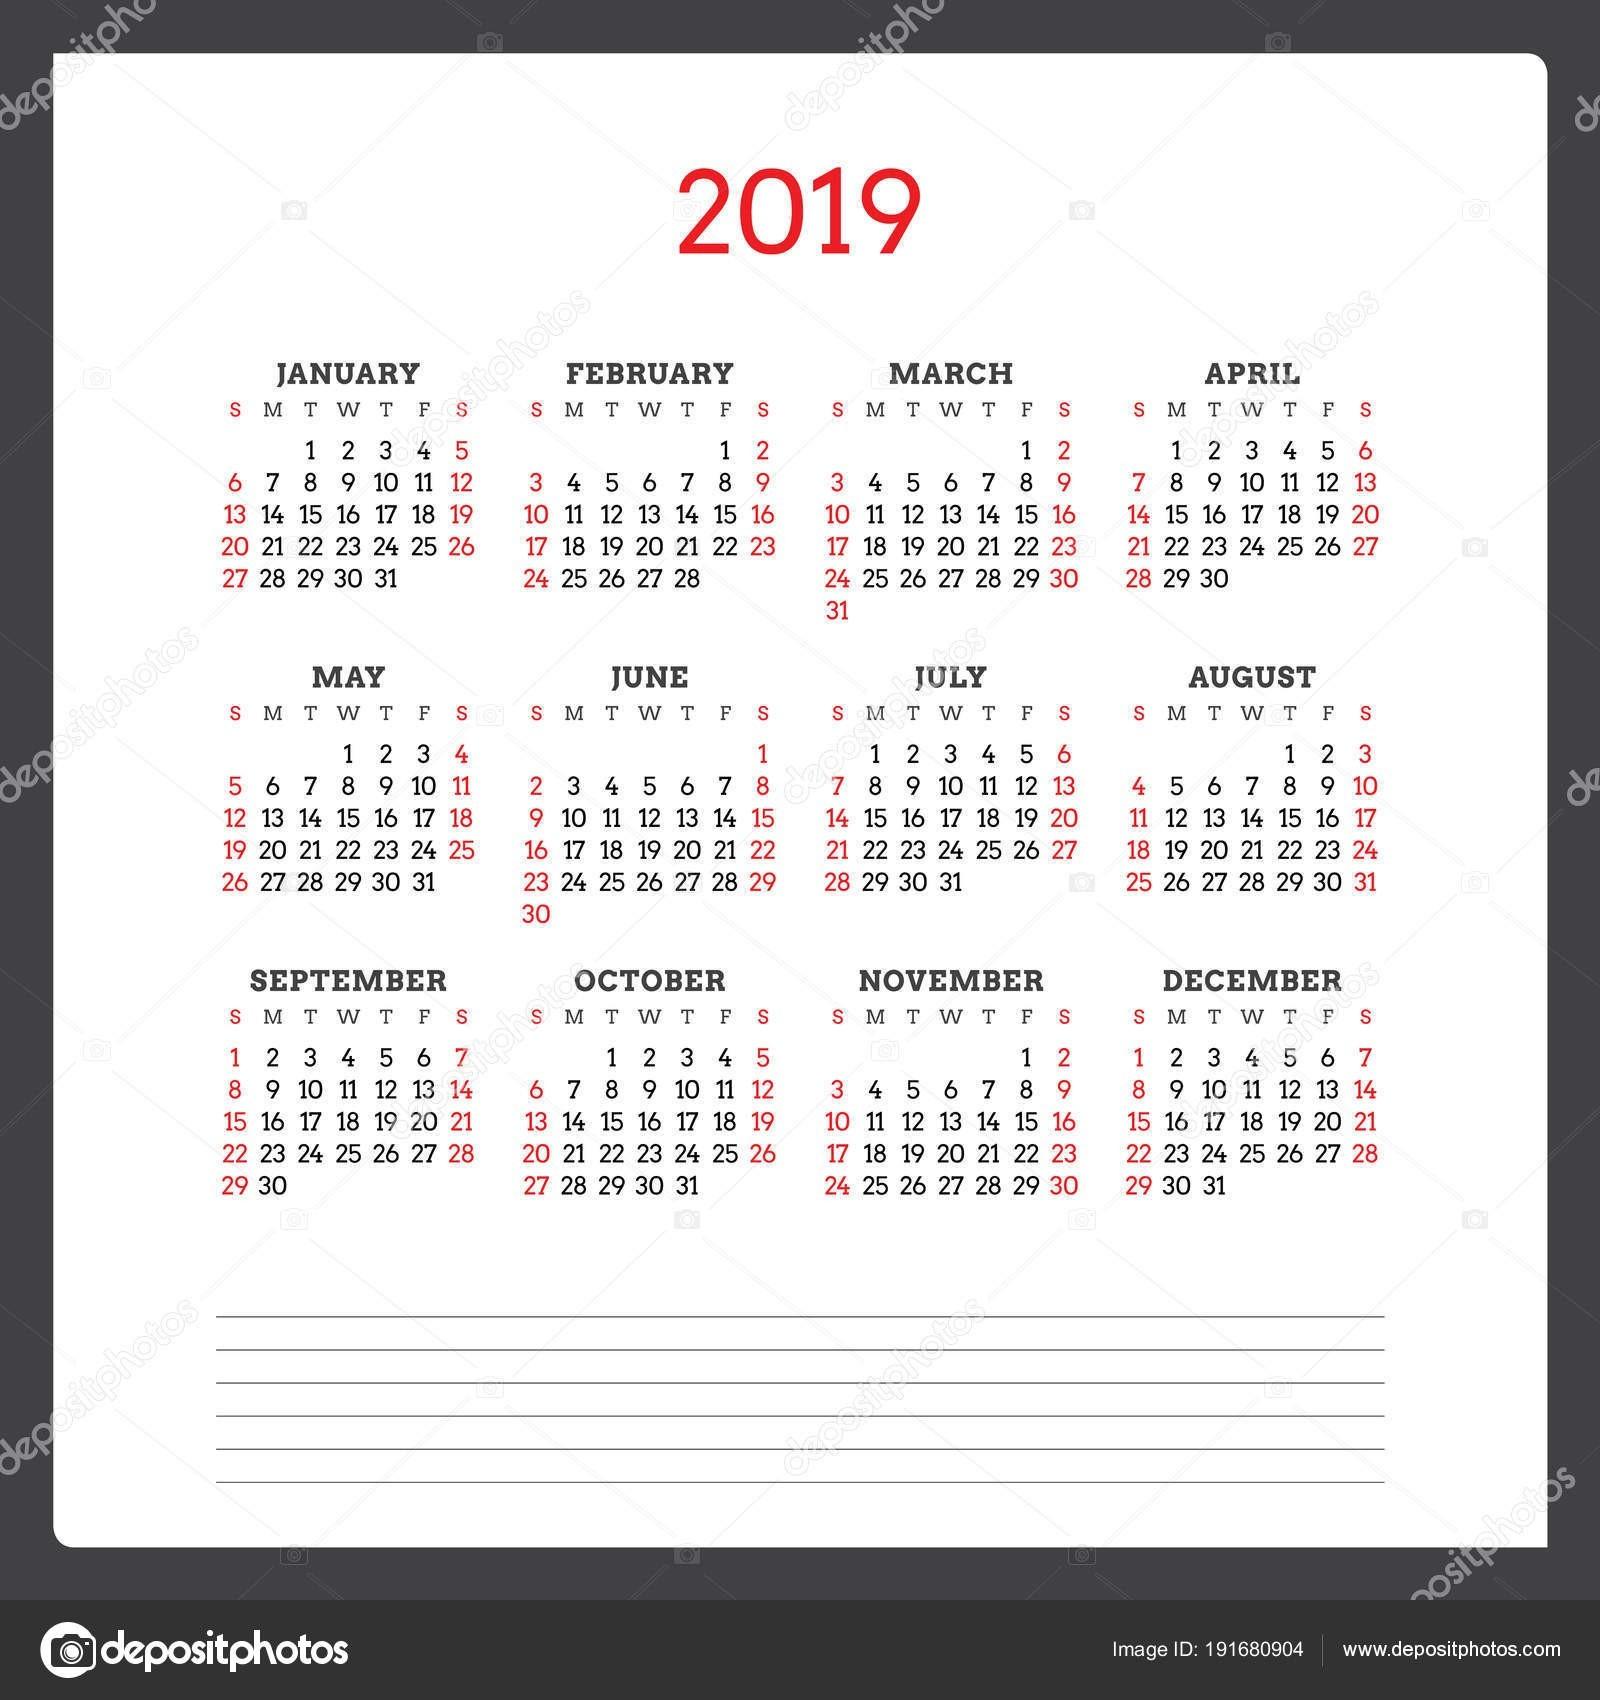 Calendario 2019 Argentina Vector Más Recientemente Liberado Noticias Calendario 2019 Para Imprimir Con Feriados Mexico Of Calendario 2019 Argentina Vector Más Reciente Snowdonia Deluxe Master Set by Nskn Games — Kickstarter